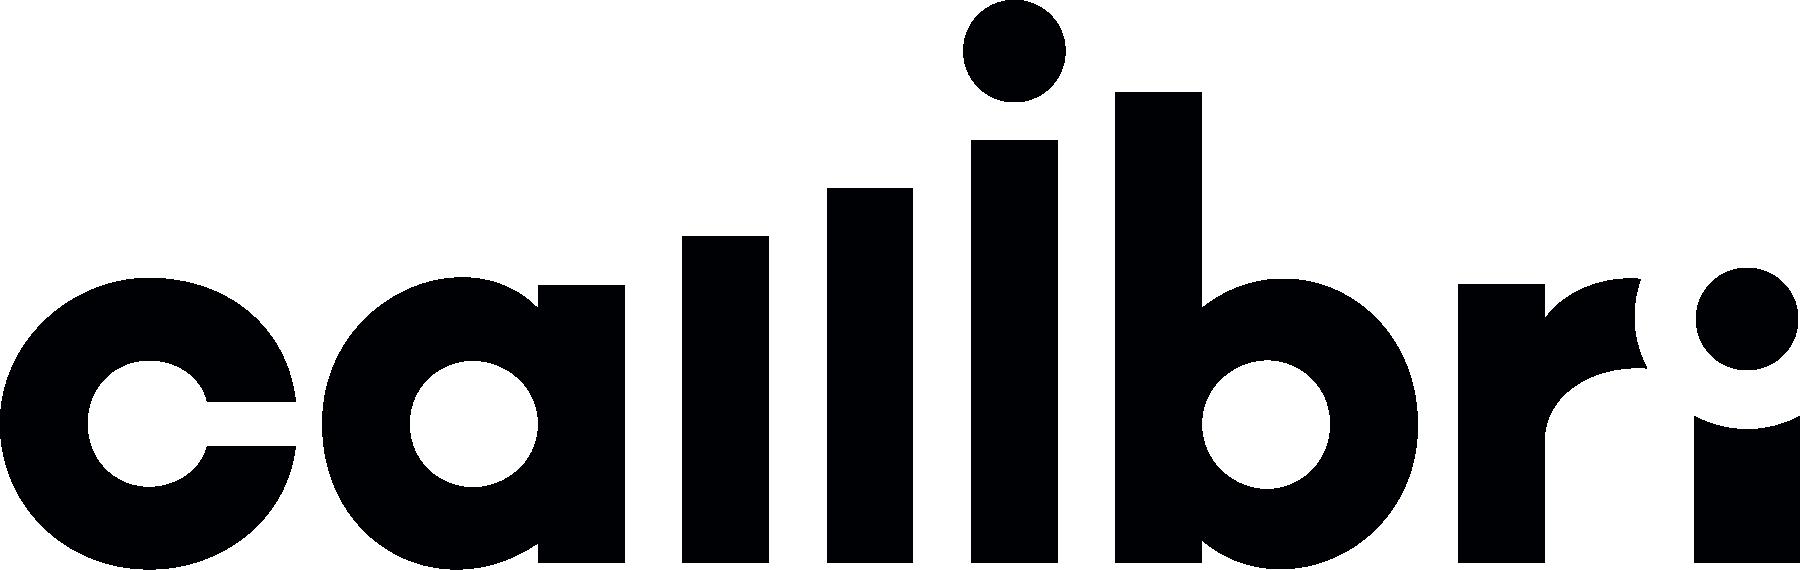 Callibri - сервисы для маркетологов. Получите аналитику рекламы, чат, мини-CRM и другие инструменты в едином кабинете.